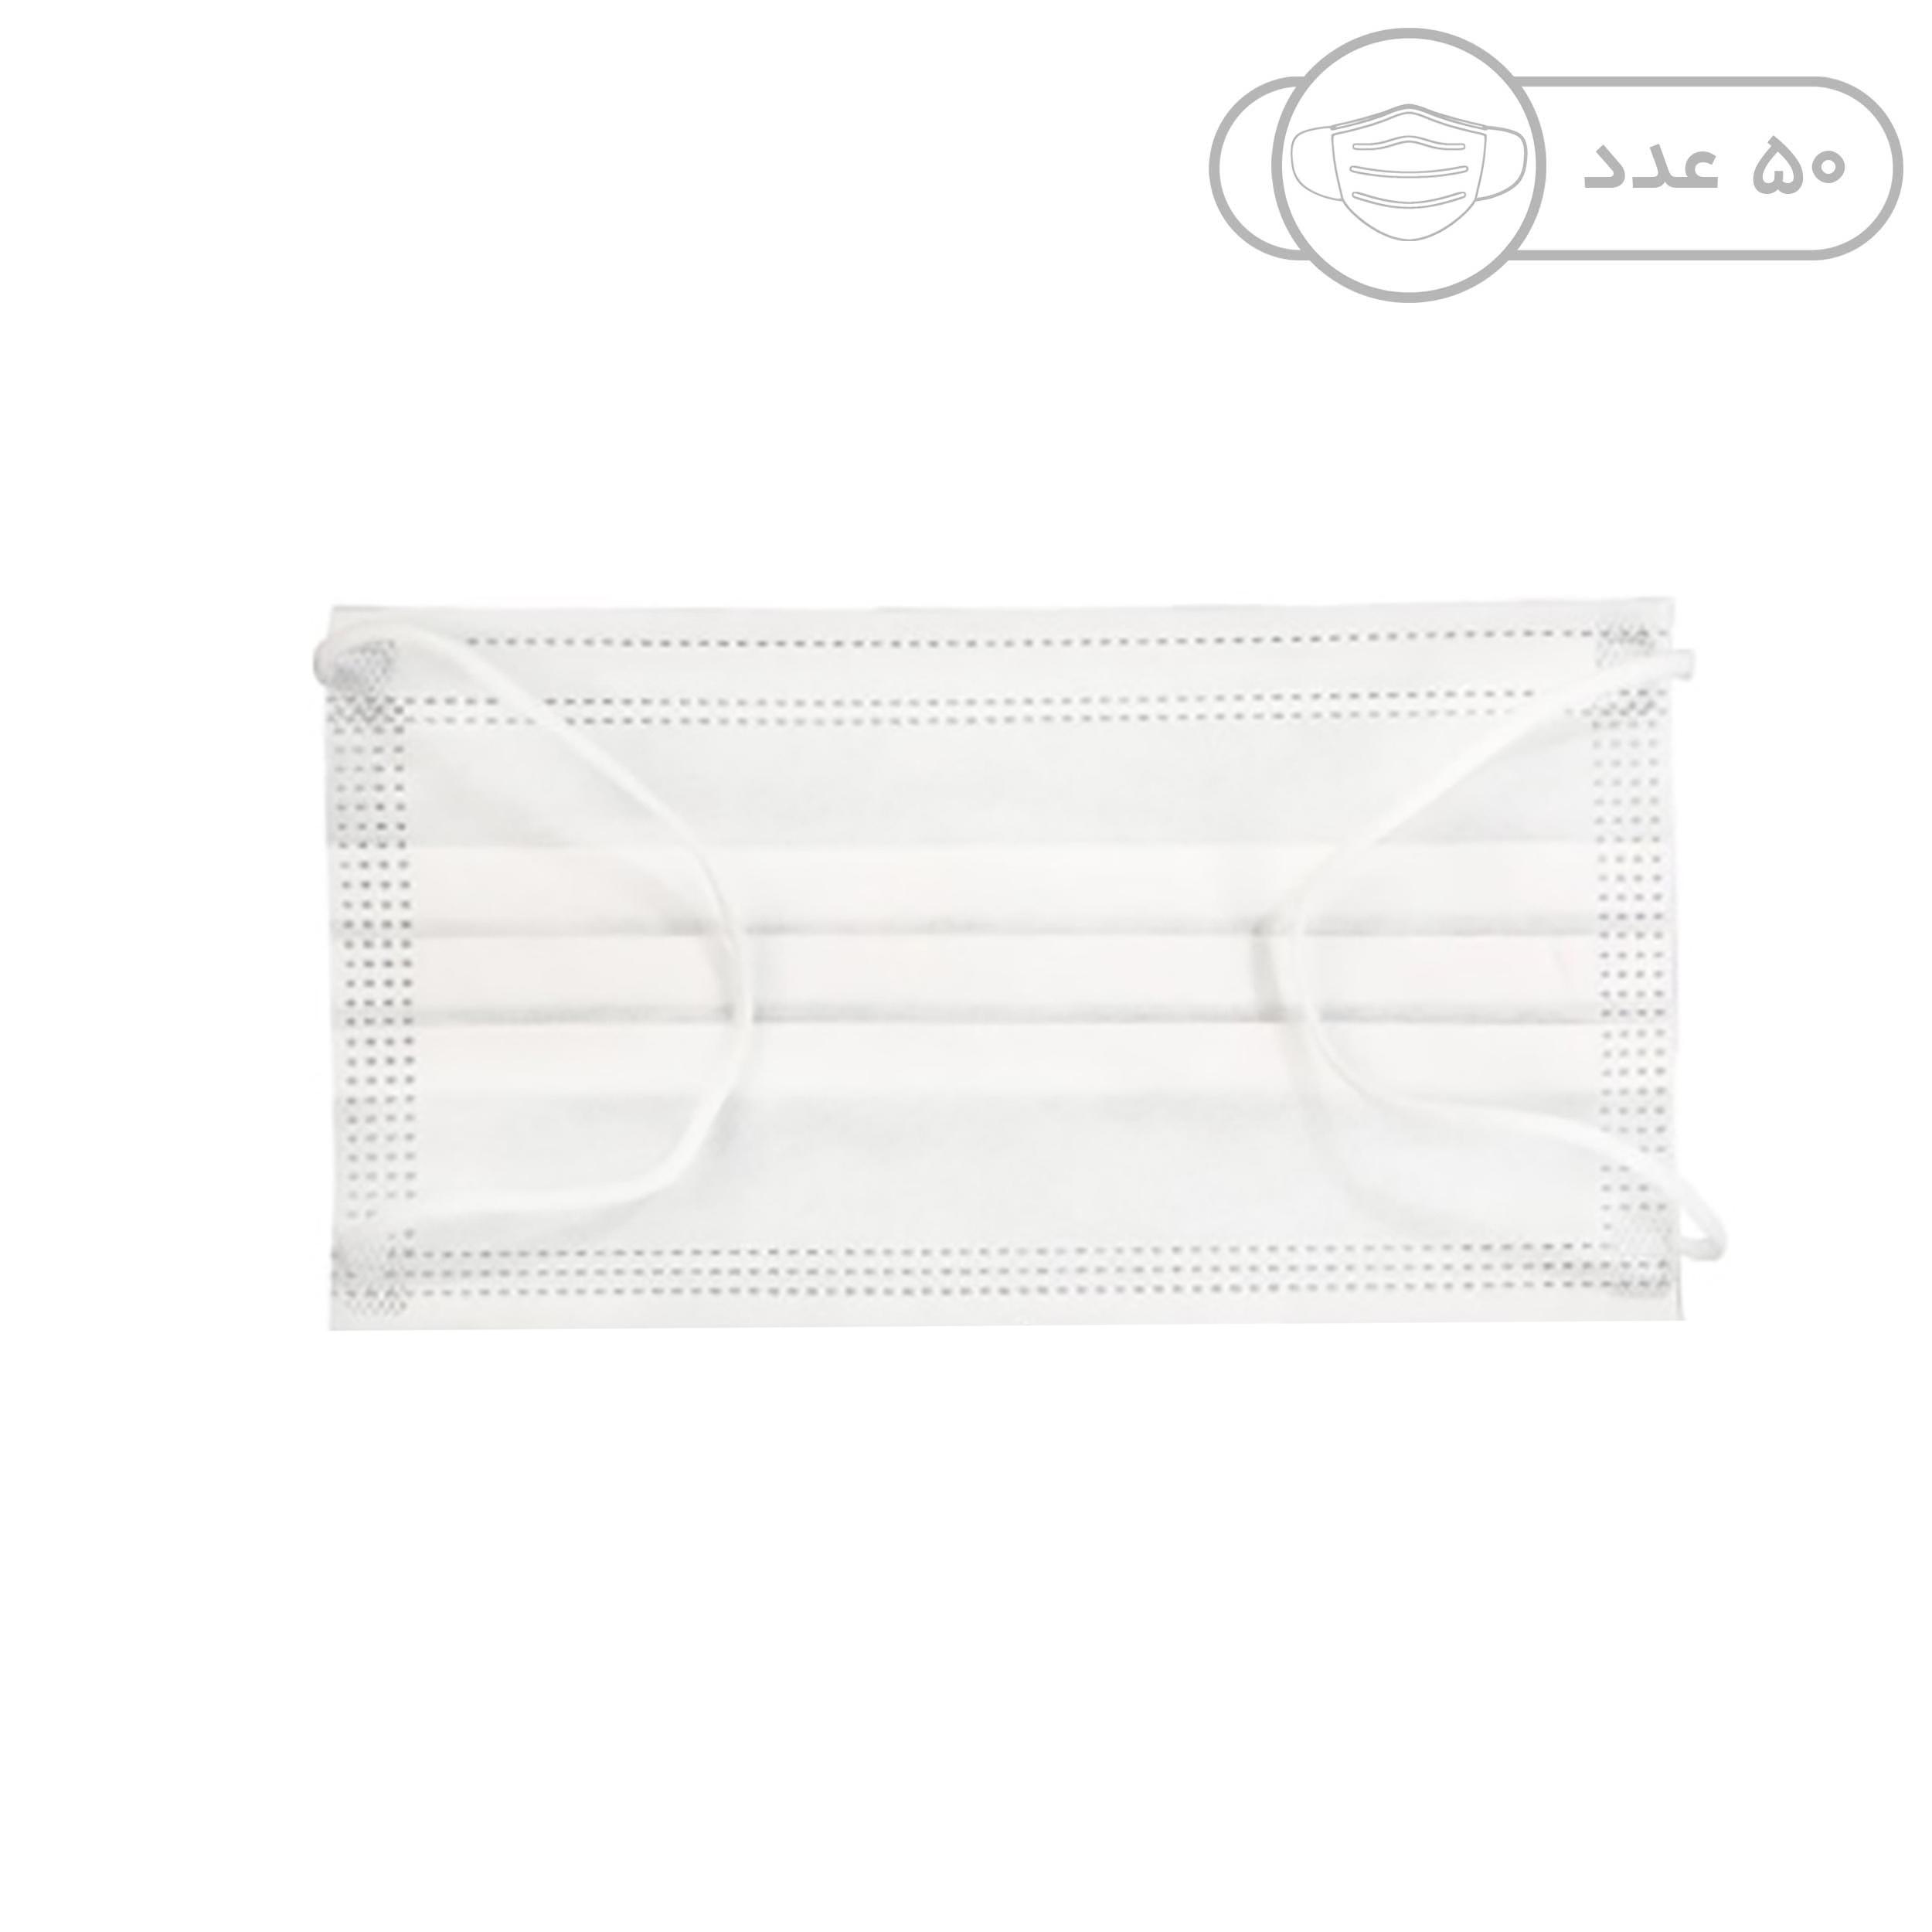 ماسک تنفسی مدل SSMMS-3 بسته 50 عددی